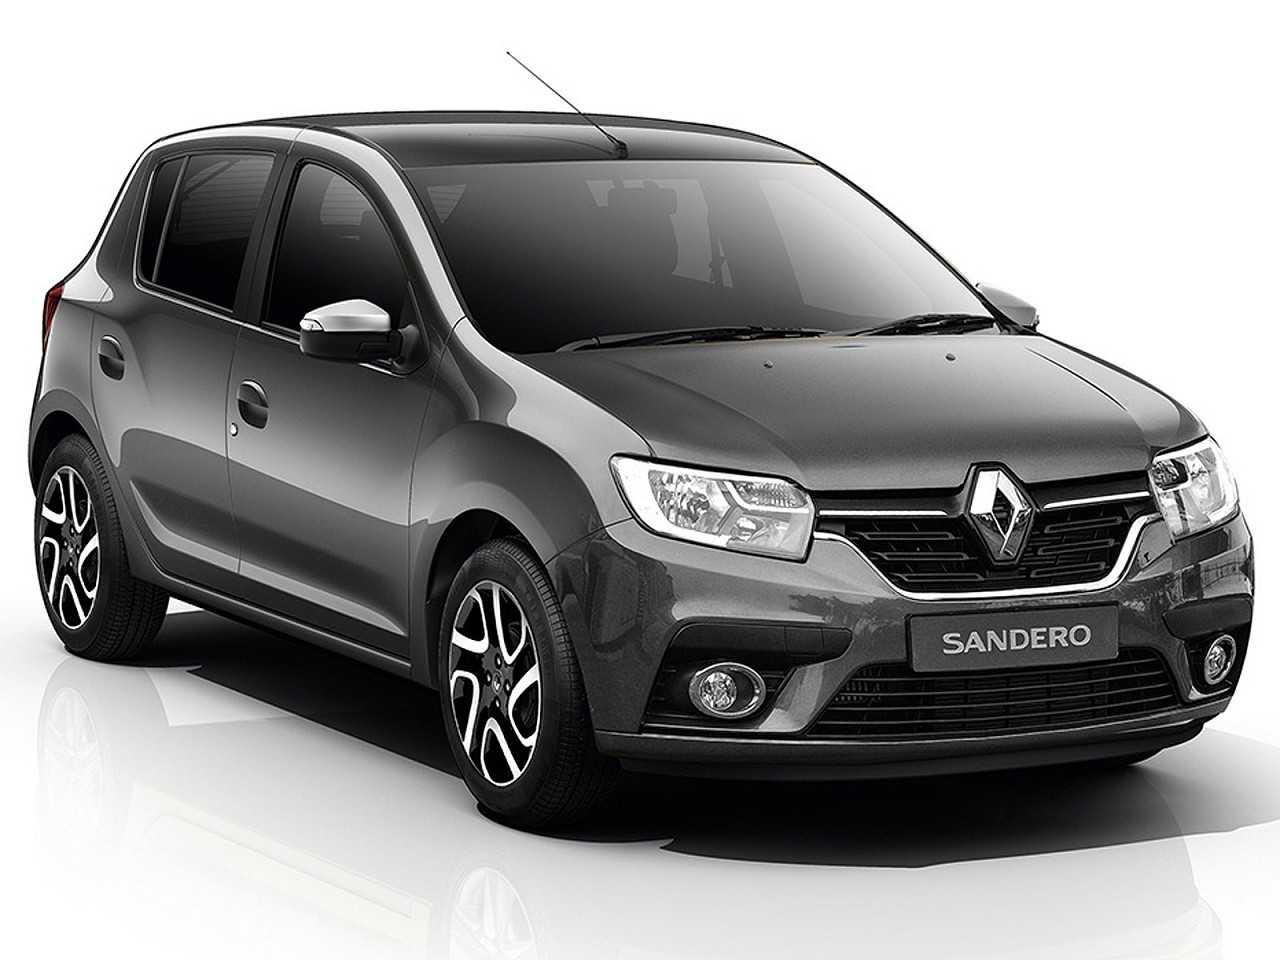 Projeção do designer Kleber Silva antecipando detalhes do novo Renault Sandero